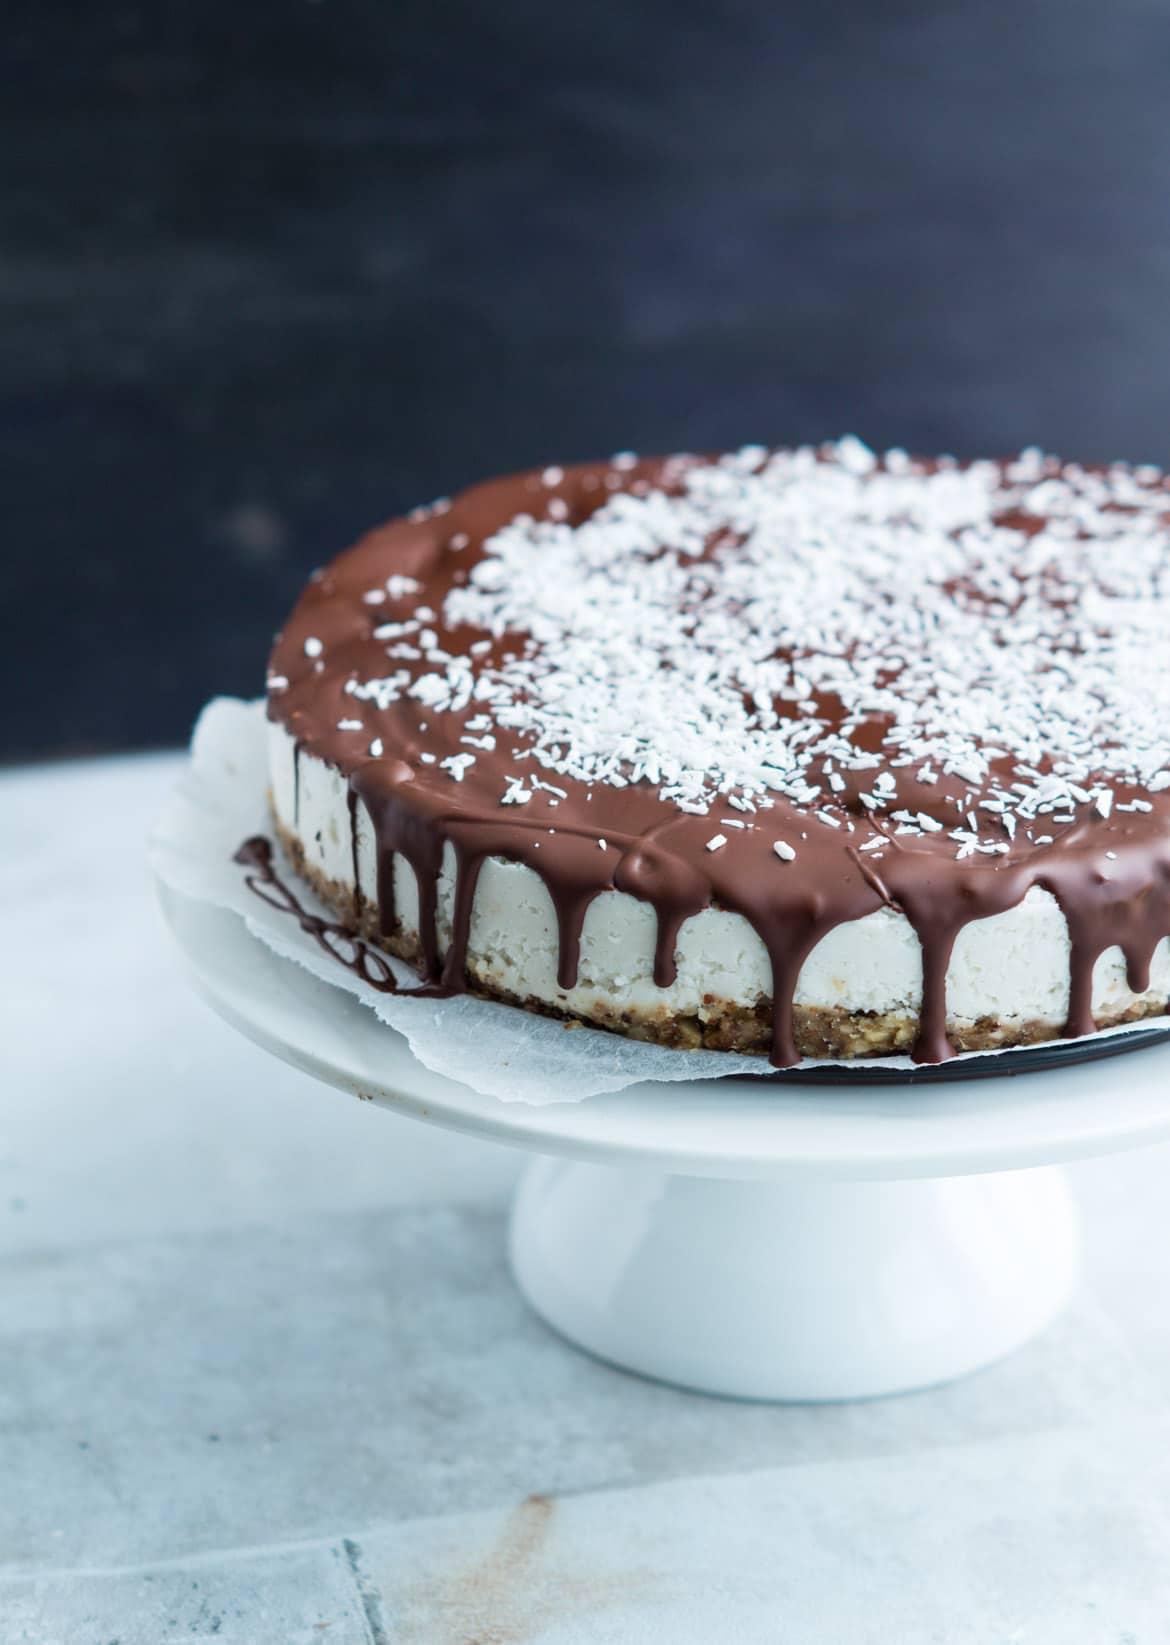 Sundere bountykage - sundere kage med kokos og chokolade